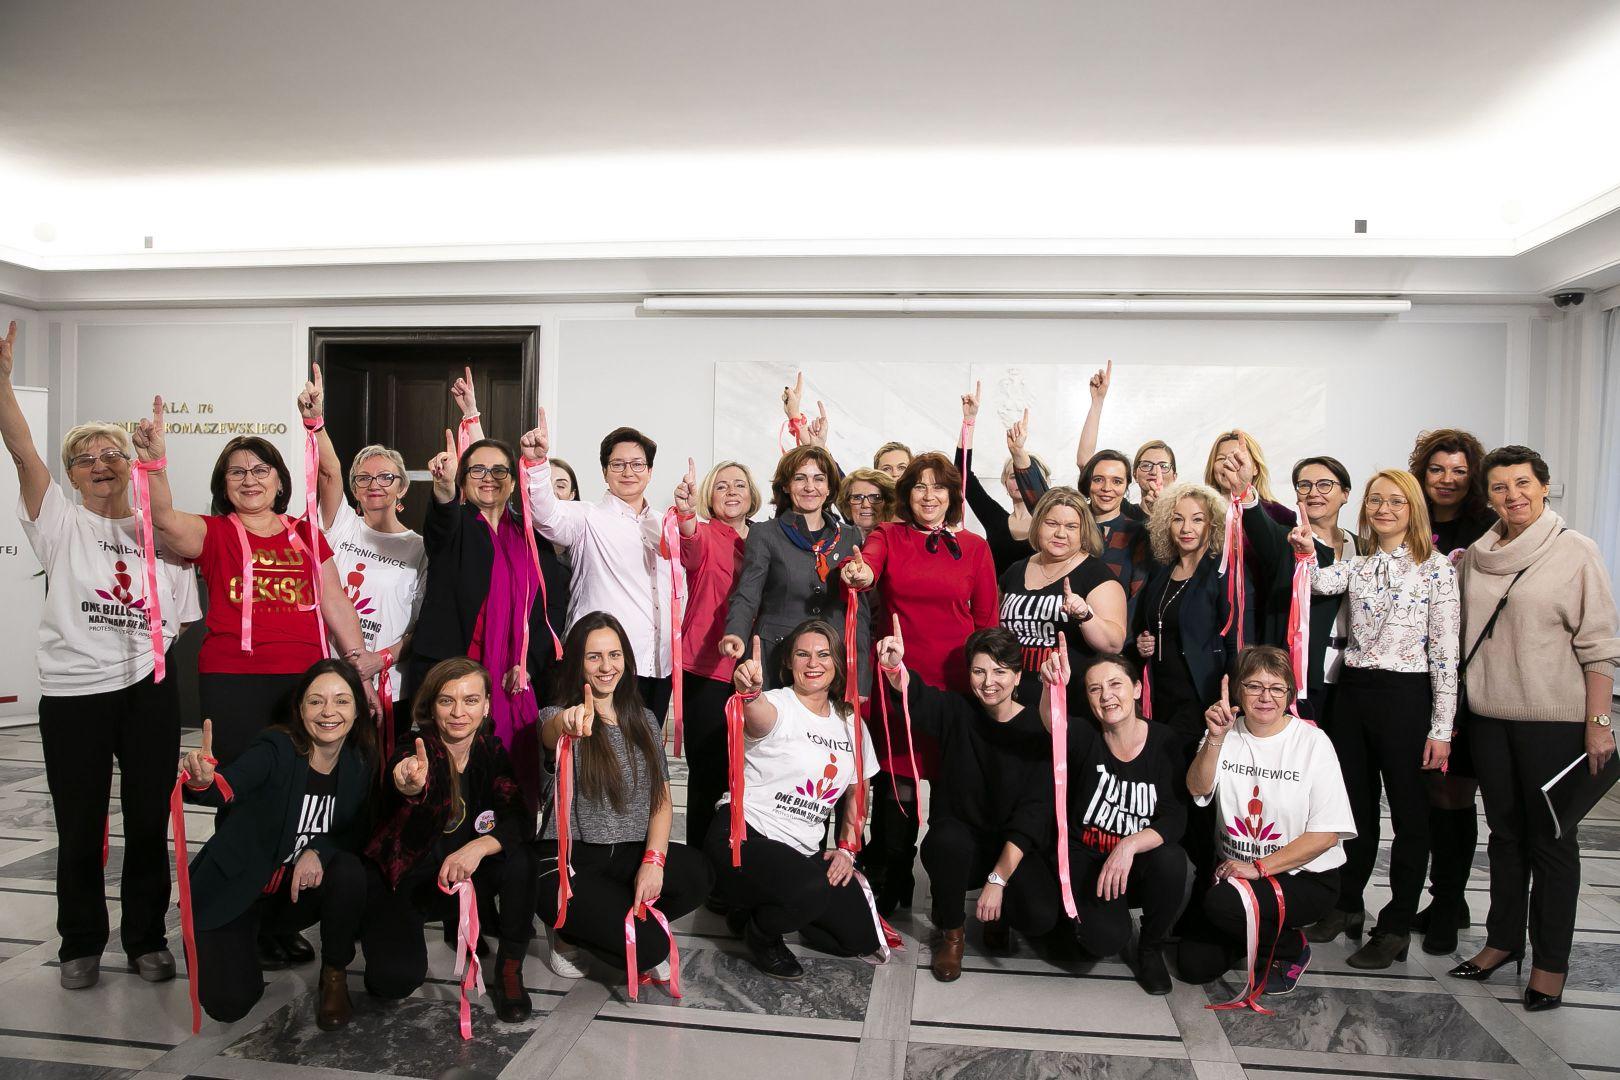 Akcja #OneBillionRising w polskim parlamencie